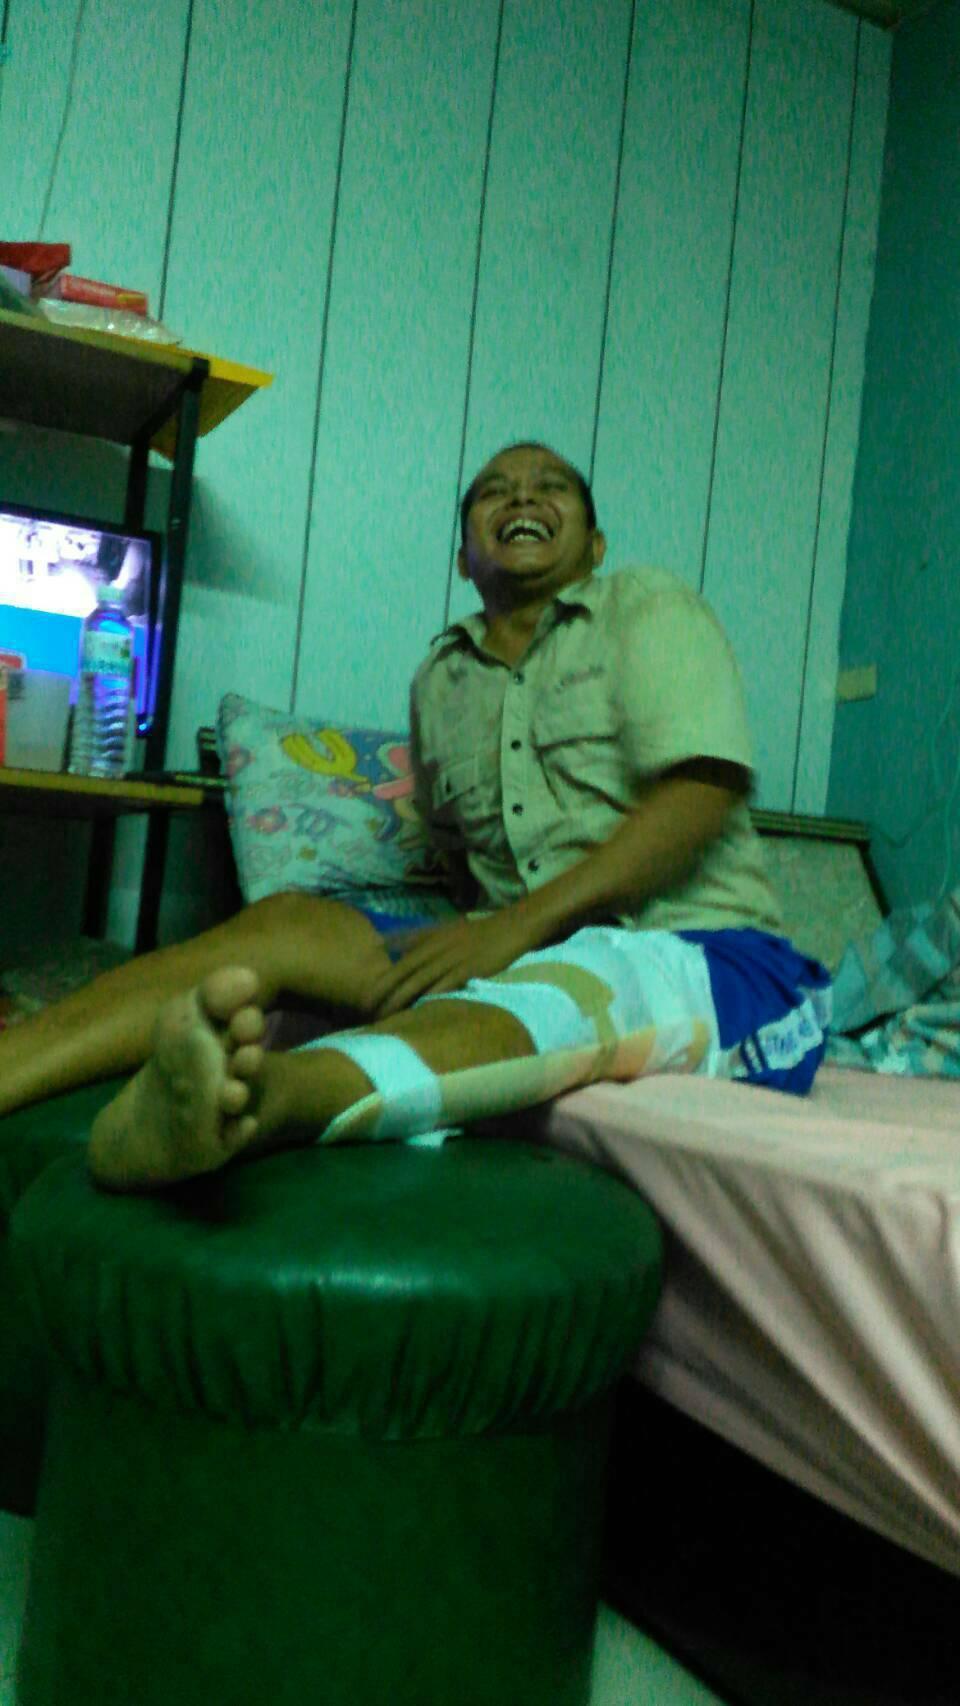 印尼籍漁工Ersona去年才遭遇職災受傷,不幸在這次斷橋事件罹難。圖/李麗華提供